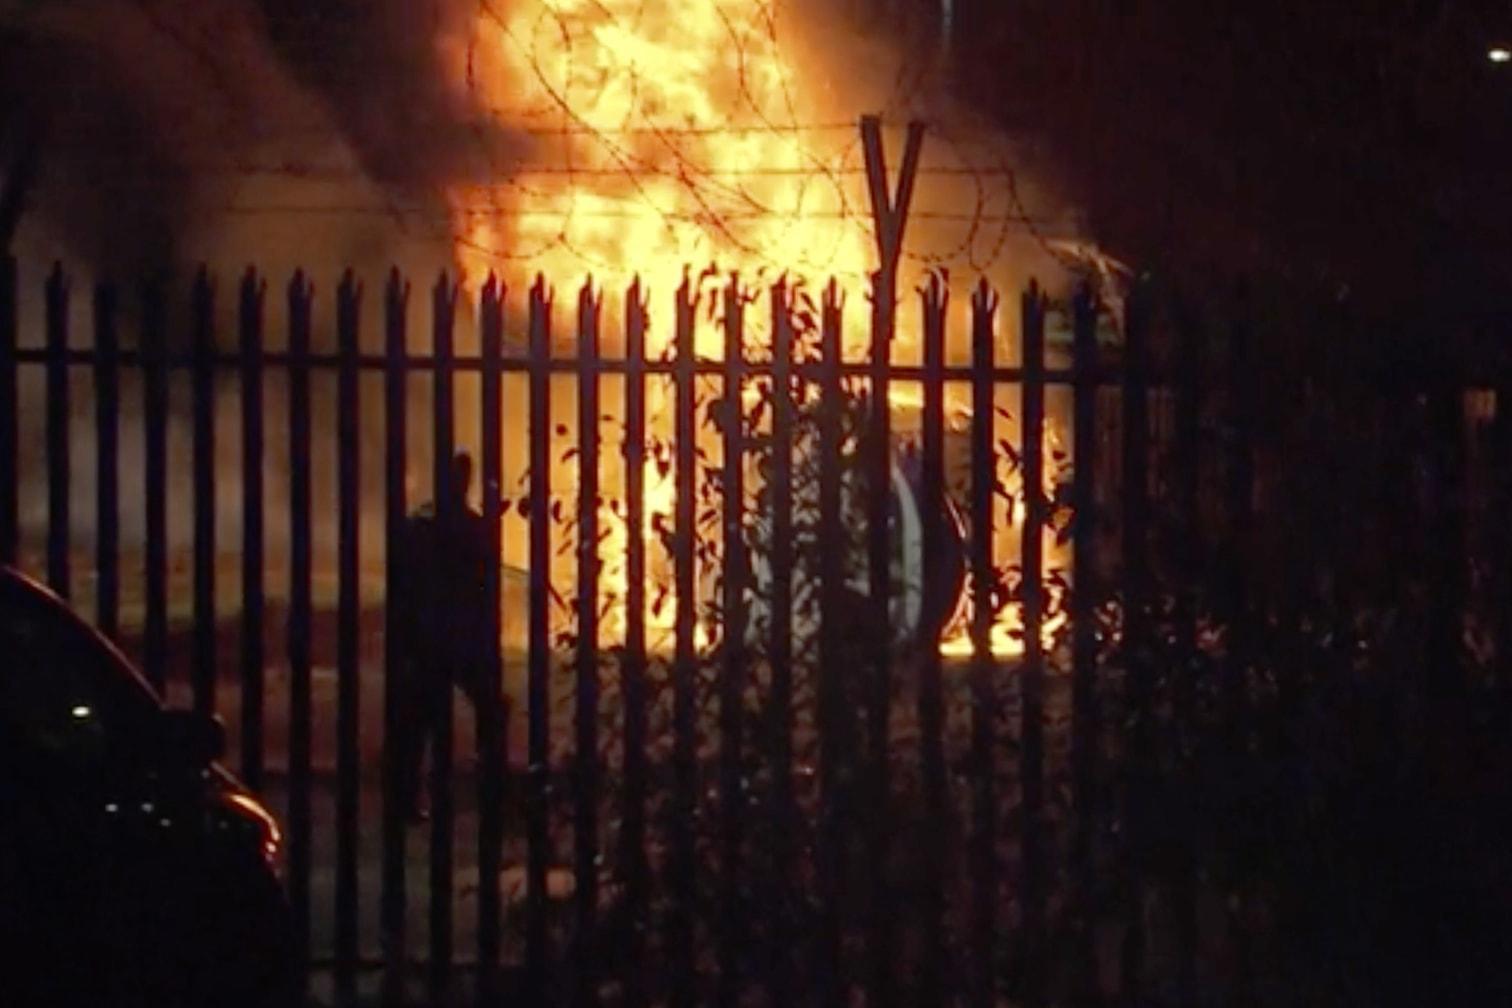 <p>Der Helikopter des thailändischen Milliardärs Vichai Srivaddhanaprabha ging am Samstagabend auf einem Parkplatz neben dem Stadion des Clubs nieder und brannte.</p> Foto: dpa